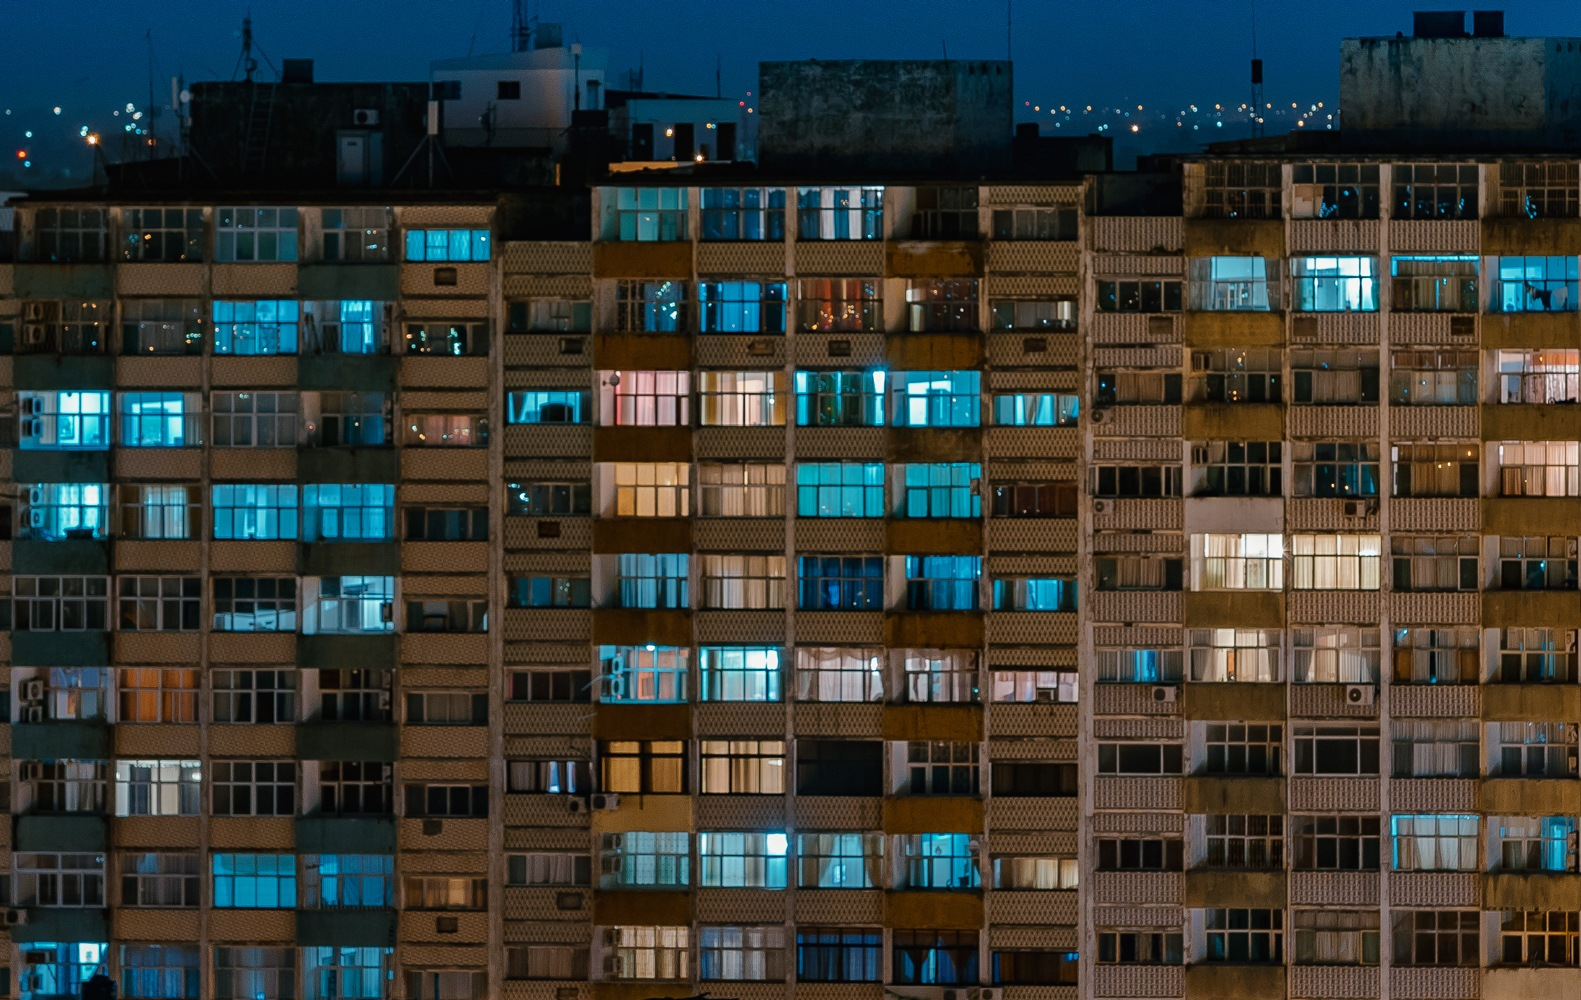 Urbanized by Ernânio Samuel Mandlate